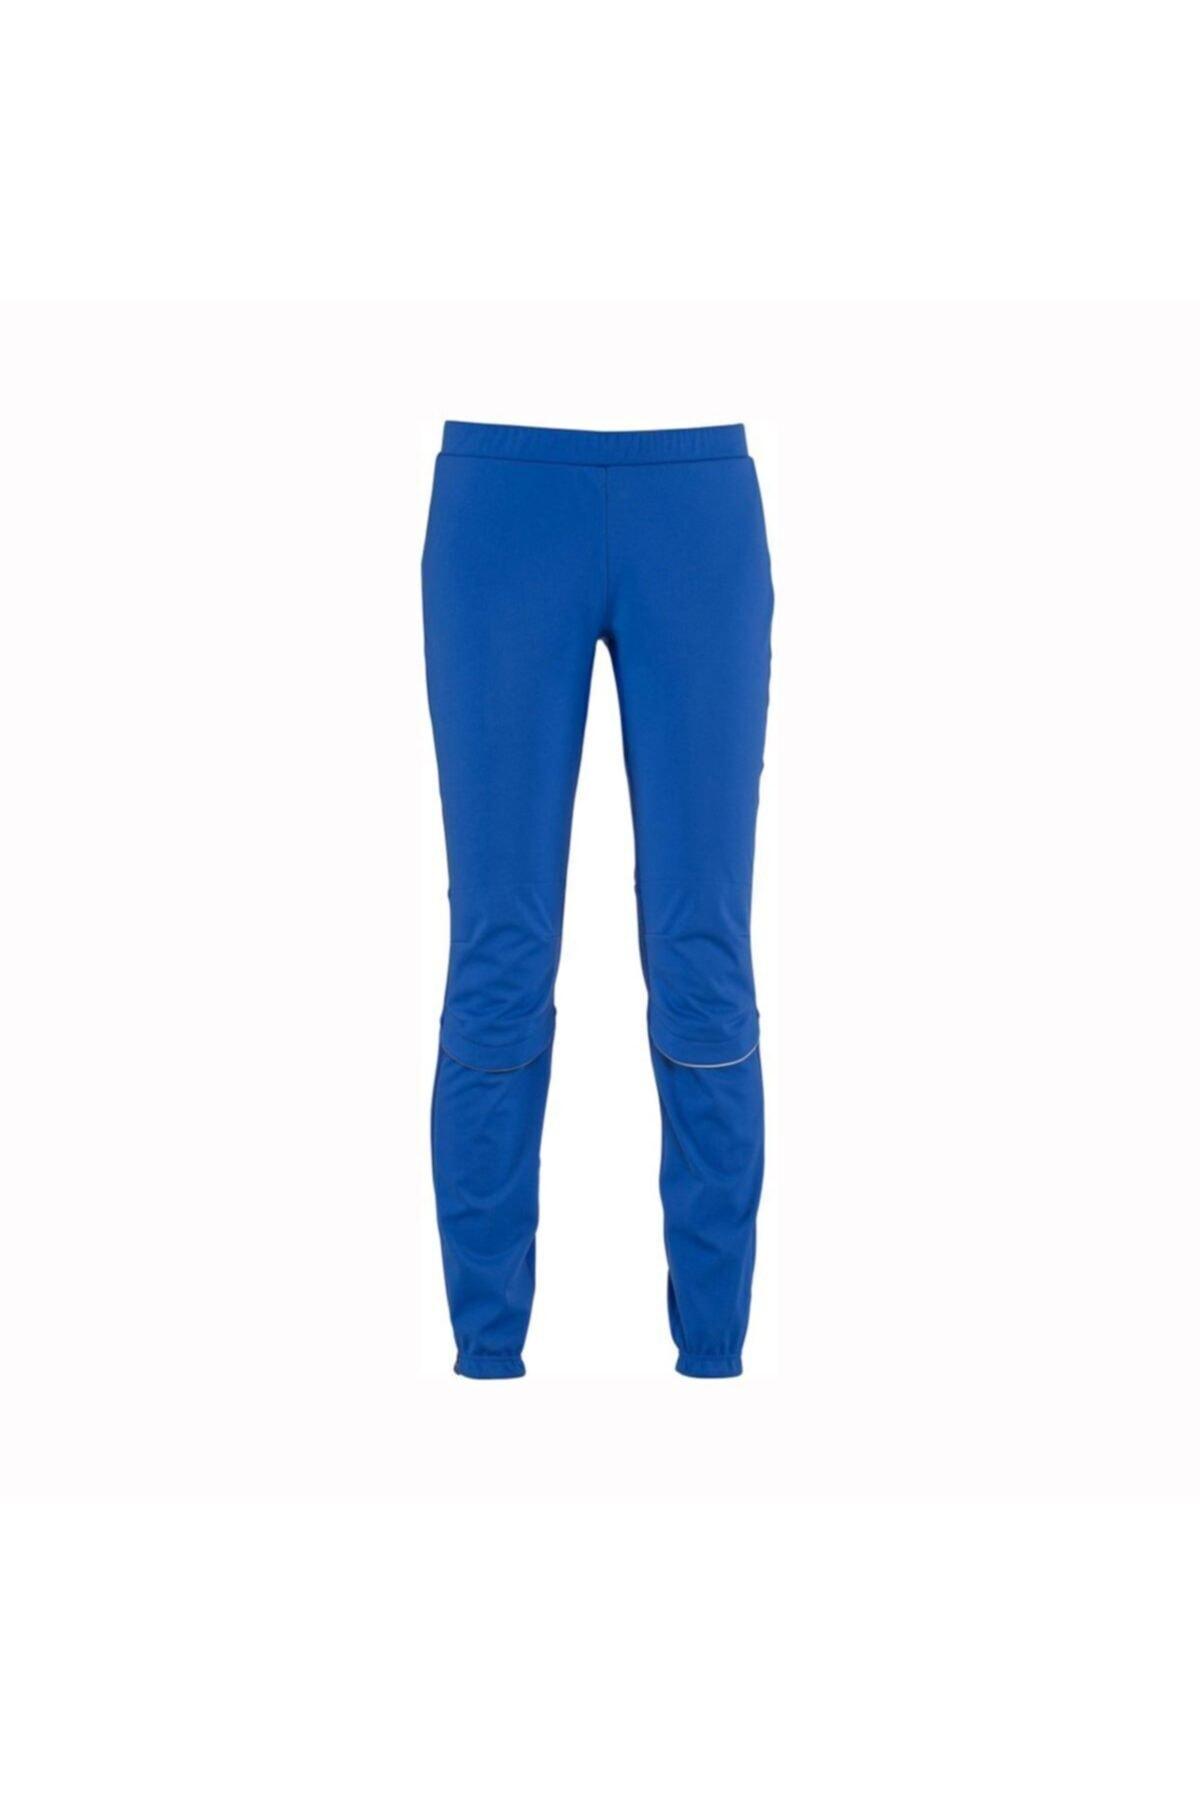 فروش انلاین شلوار ورزشی مردانه برند Rossignol رنگ آبی کد ty64487568